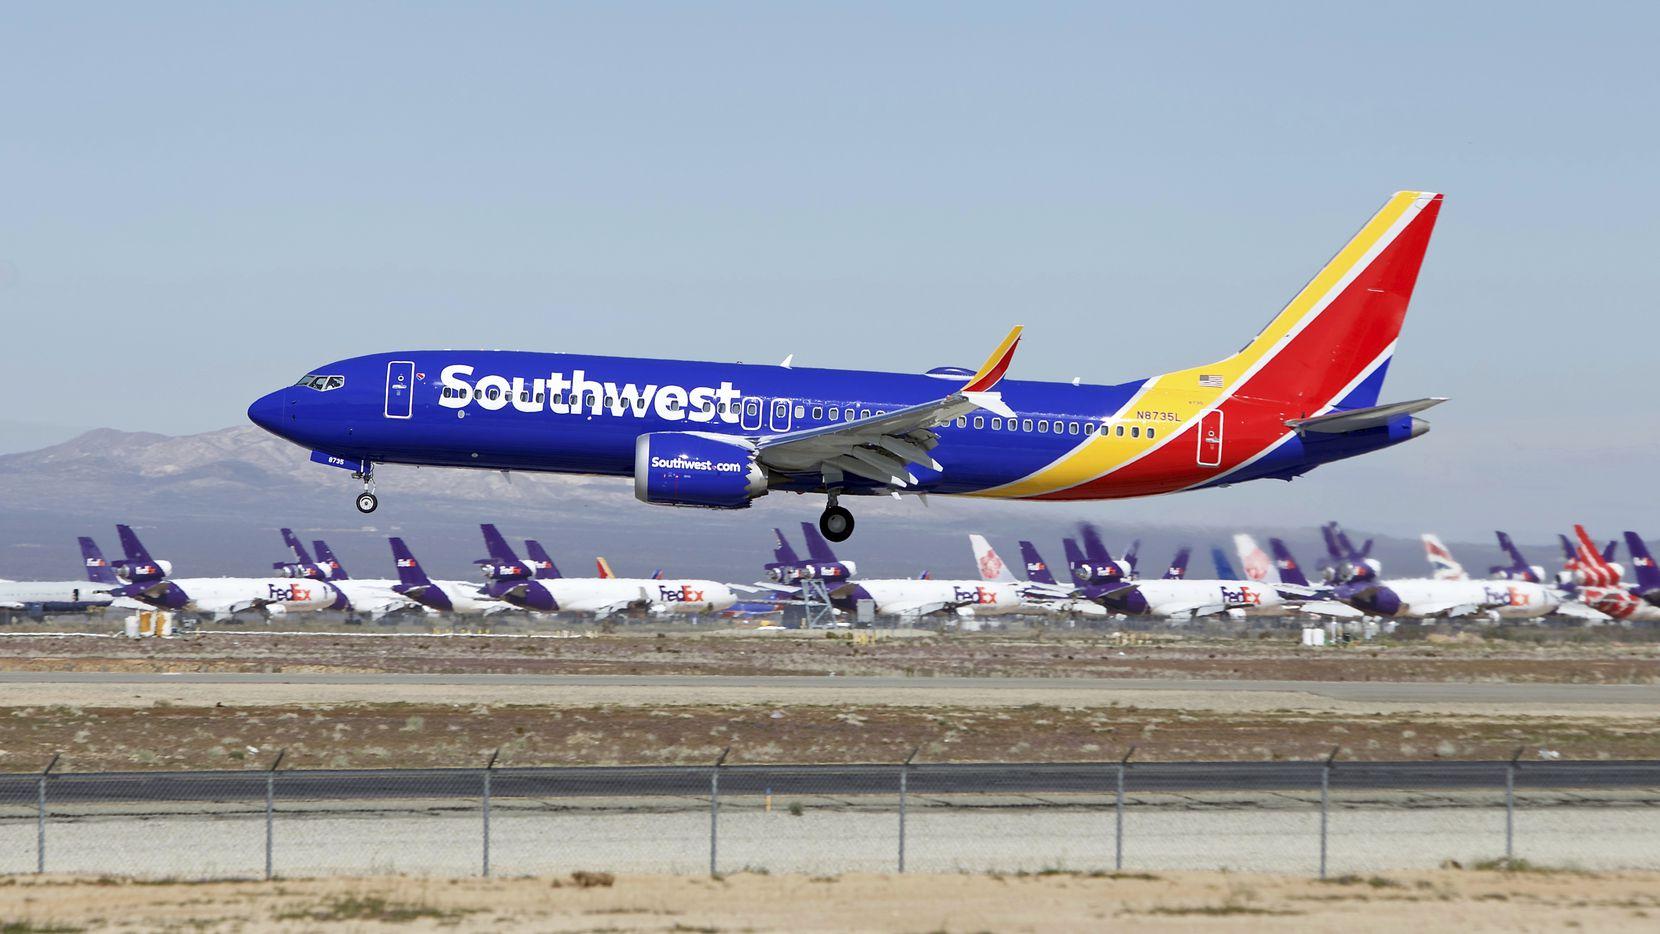 Un avión Boeing 737 Max de Southwest Airlines aterriza en la base Southern California Logistics Airport en Victorville, Calif., donde están resguardados los aviones mientras se determina su viabilidad.